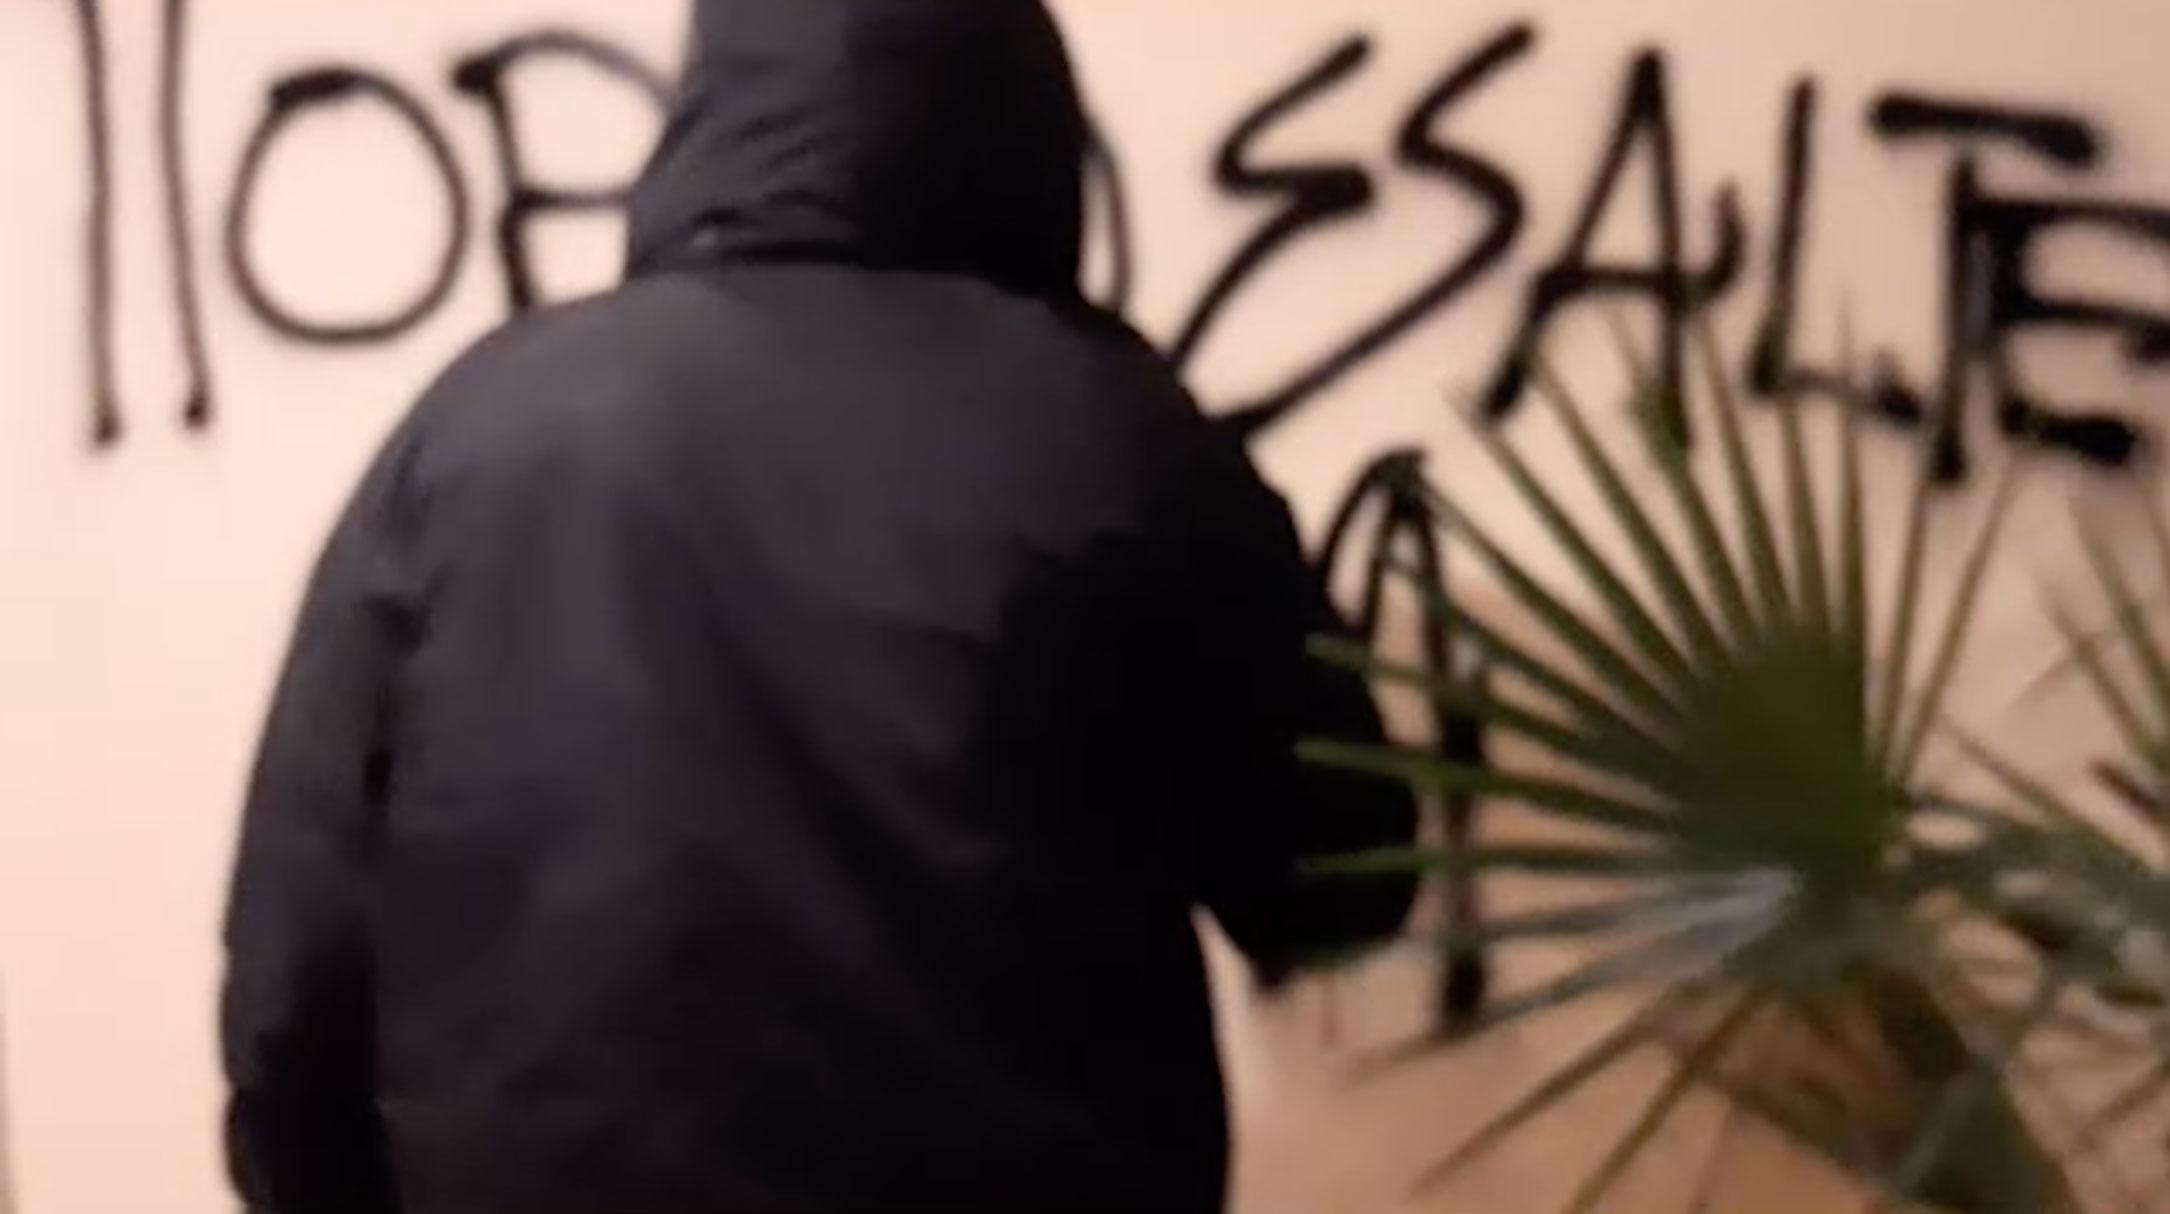 Πορτοσάλτε: Έτσι έφτασε ο Ρουβίκωνας στο σπίτι του [video]